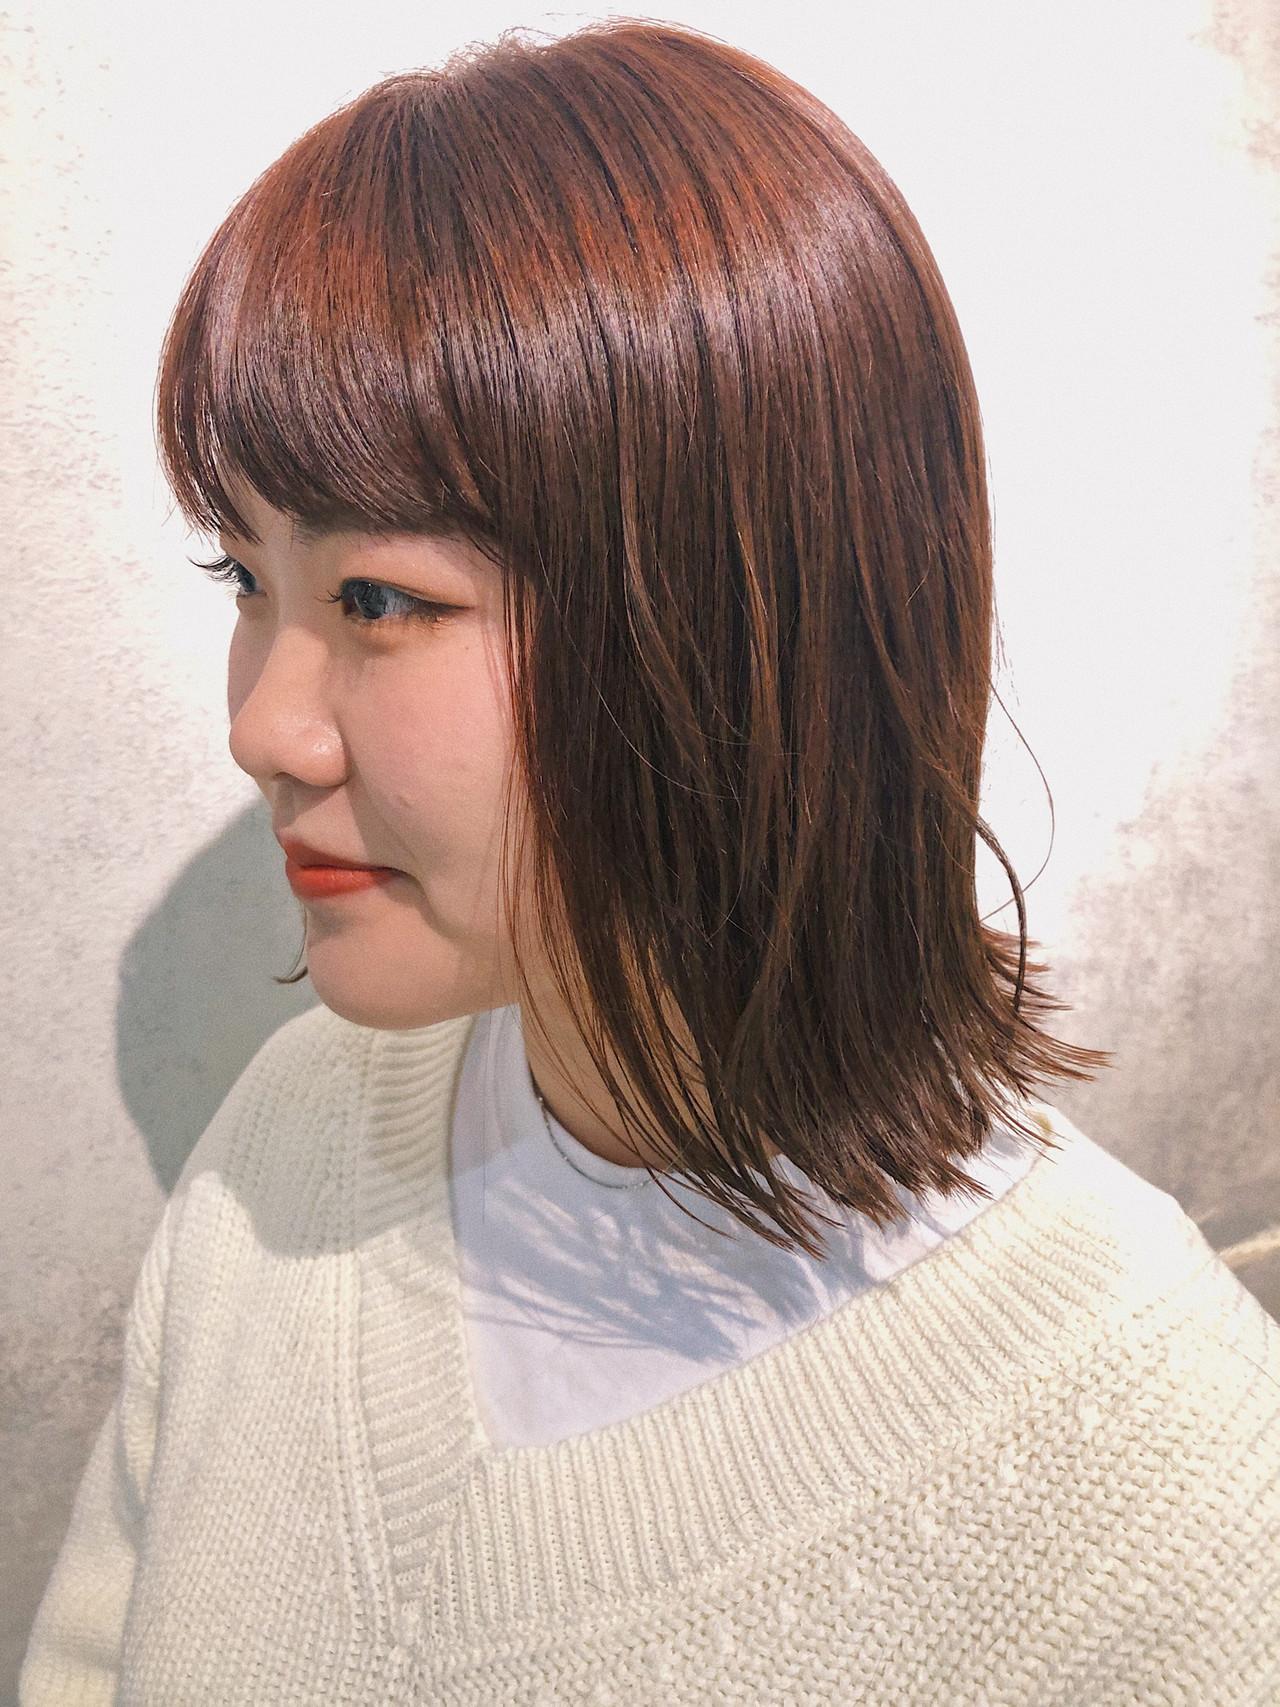 ベリーショート 切りっぱなしボブ ナチュラル ショートボブ ヘアスタイルや髪型の写真・画像 | 鈴木 拓人 / THOiRY